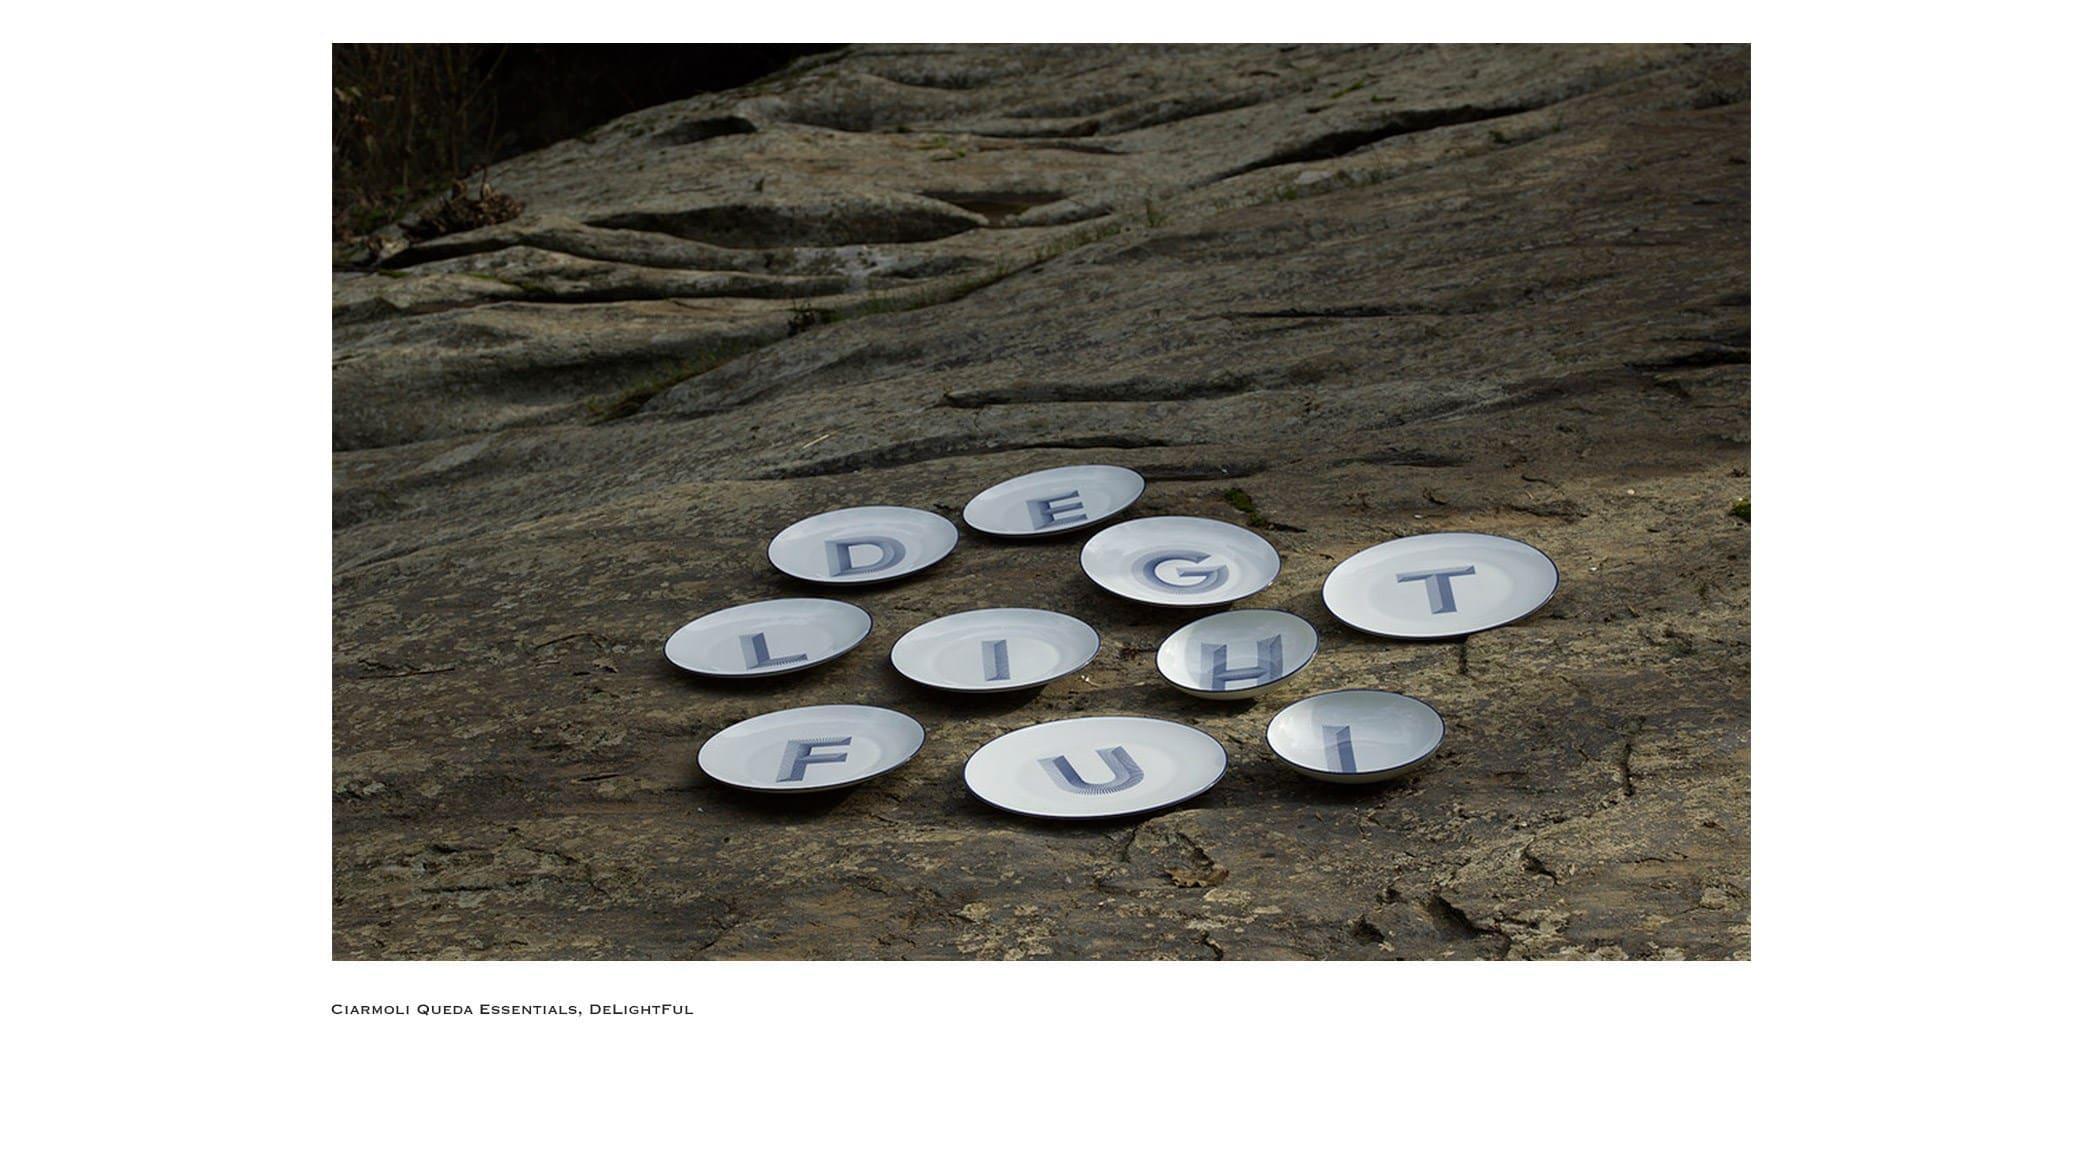 original_06-Ciarmoli-Queda-Essentials.jpg